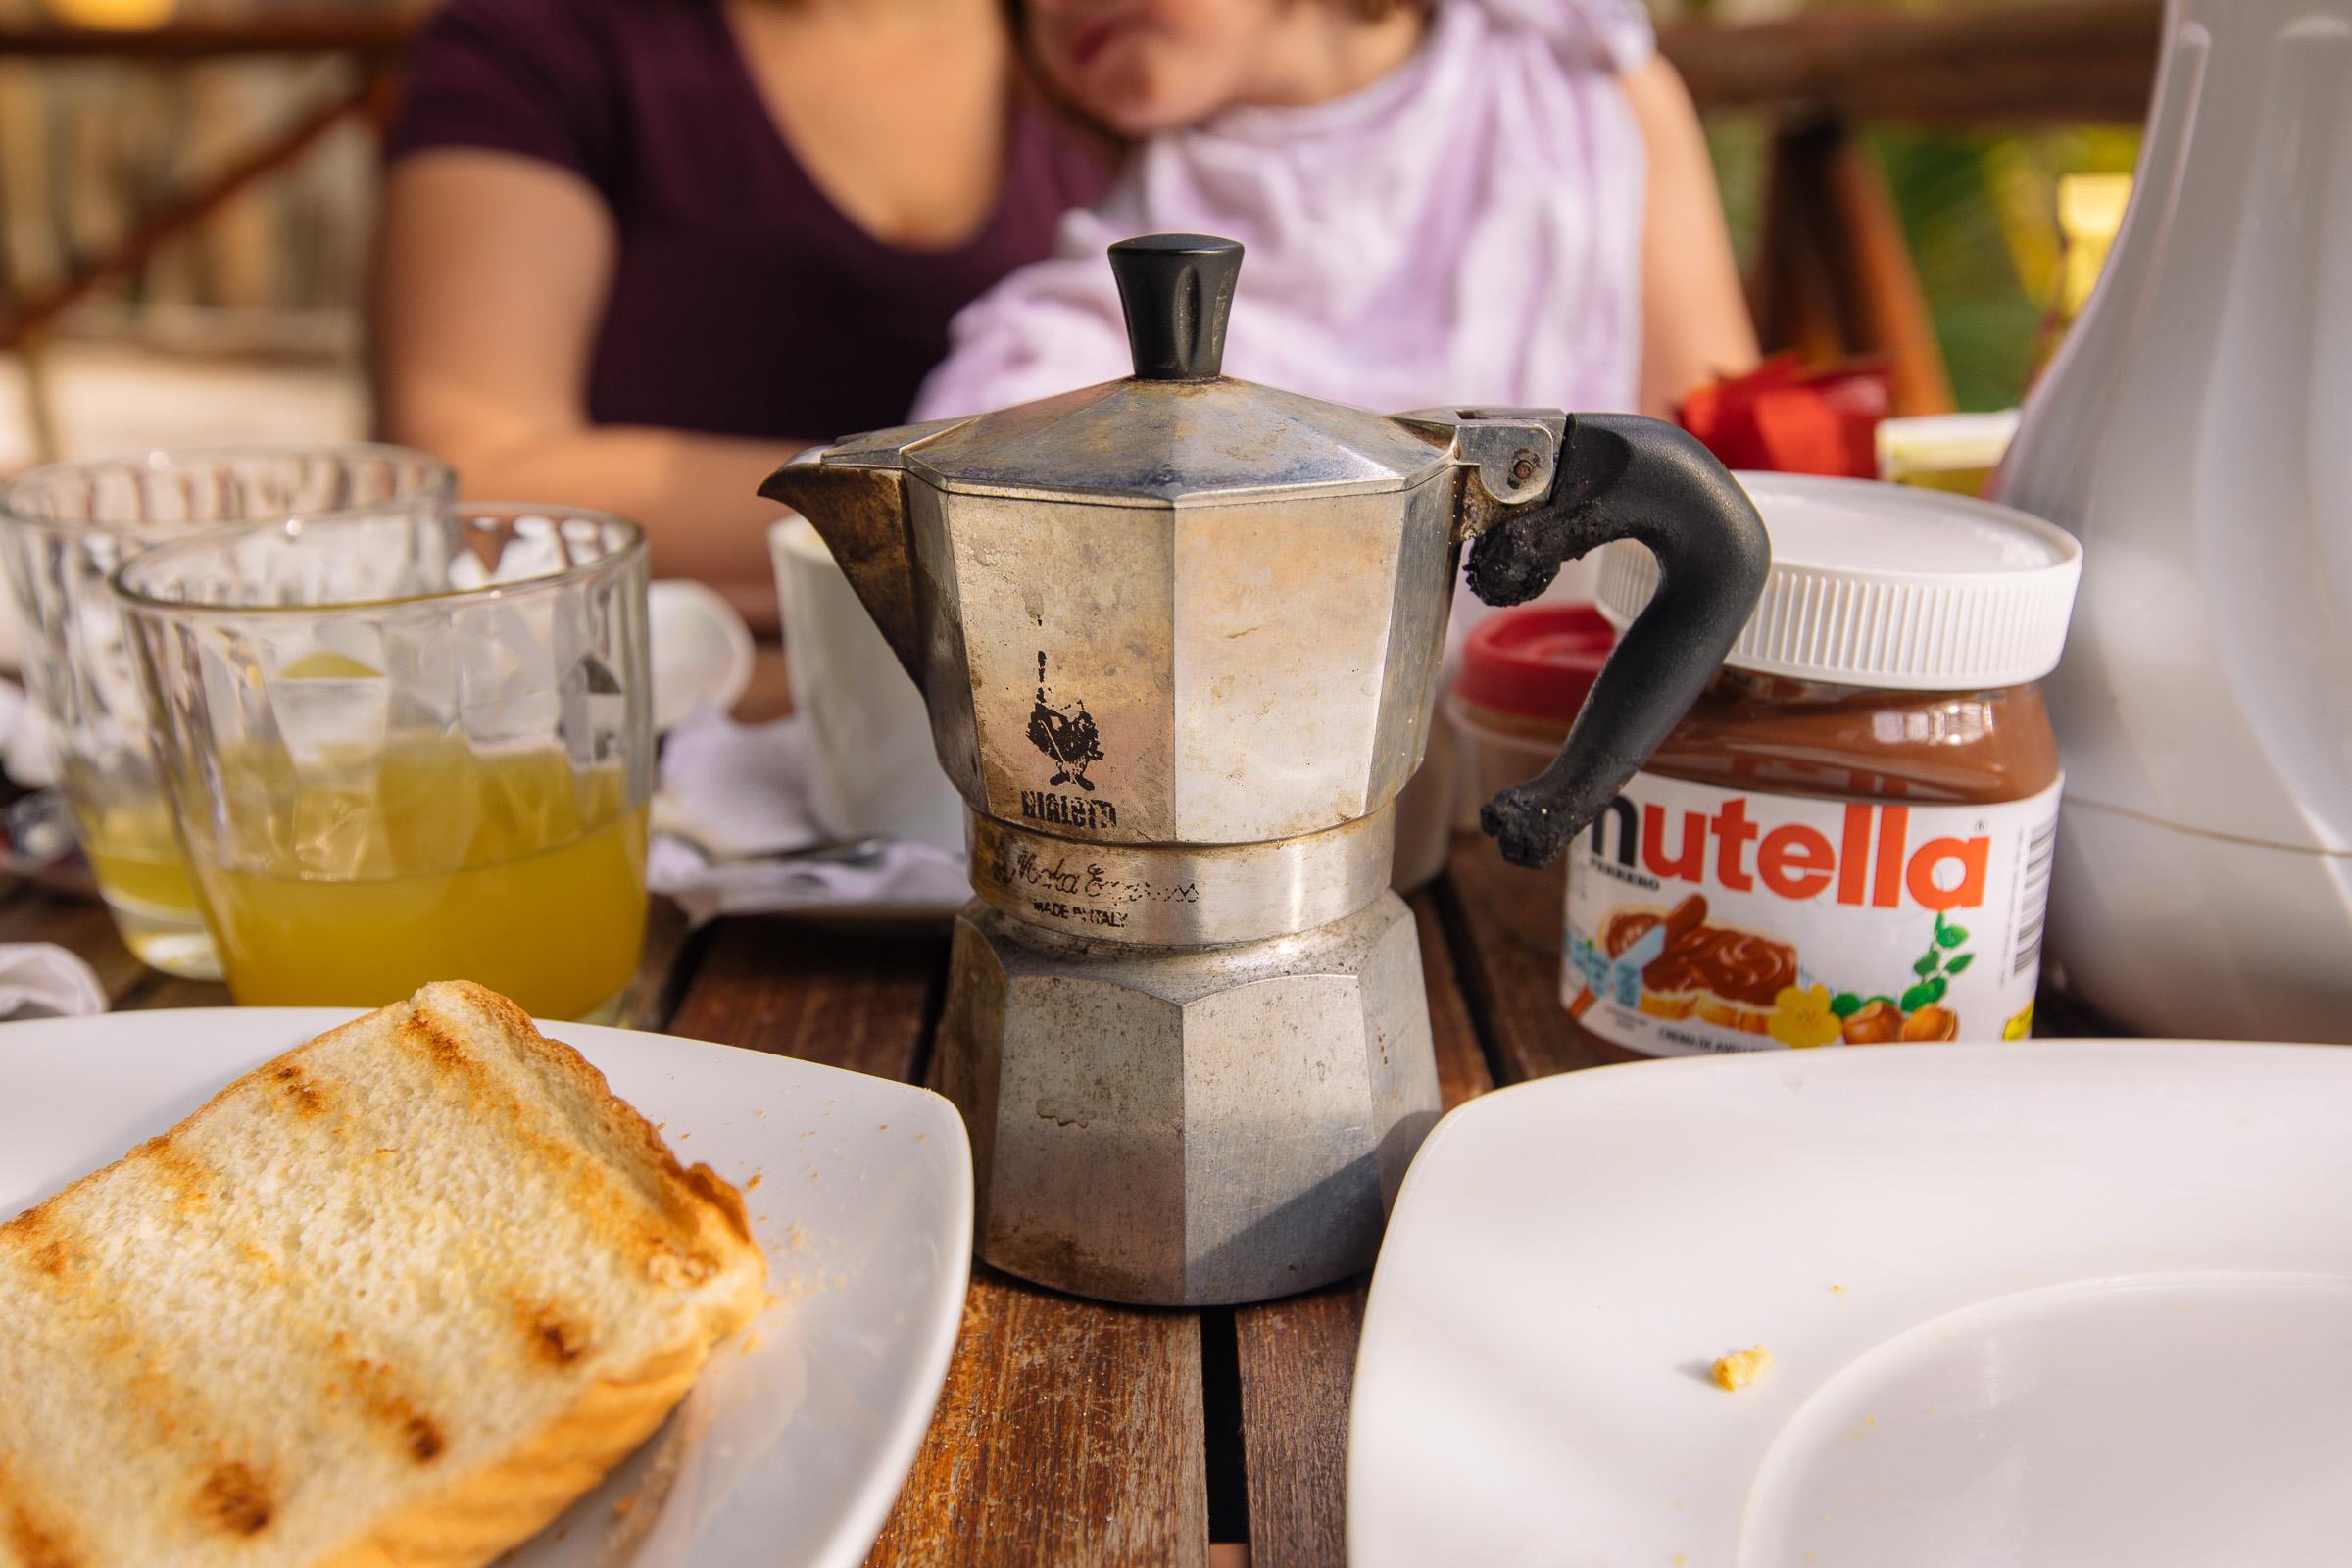 Toast, Saft, Espressokanne, Nutella auf dem Frühstückstisch